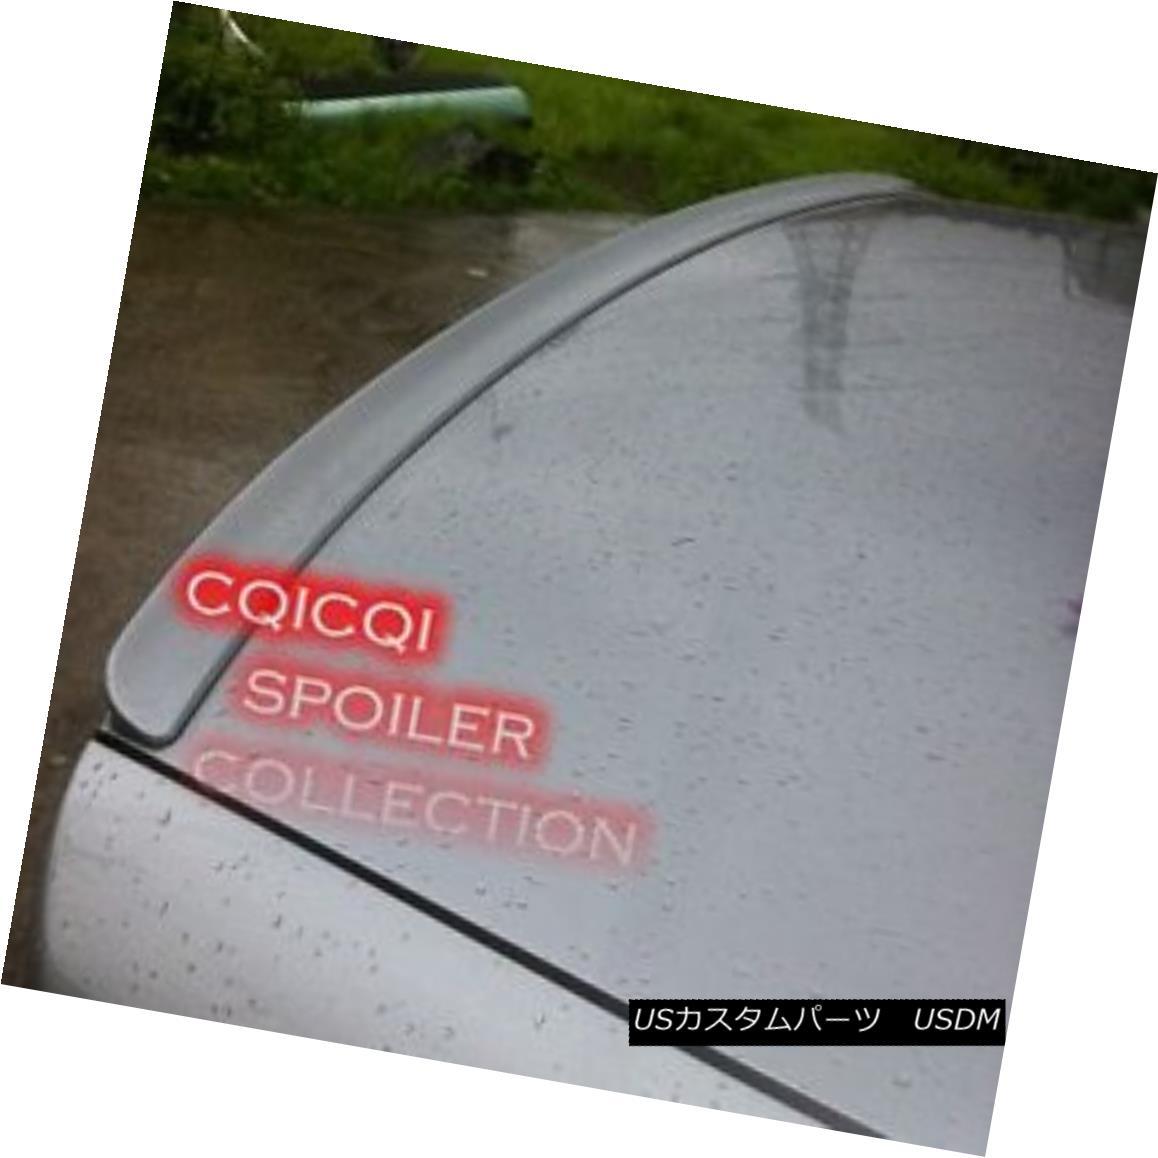 エアロパーツ Painted Trunk Lip Spoiler For BMW e46 Convertible color: 354 Titan Silver ◎ BMW e46用ペイントトランクリップスポイラーコンバーチブルカラー:354 Titan Silver?